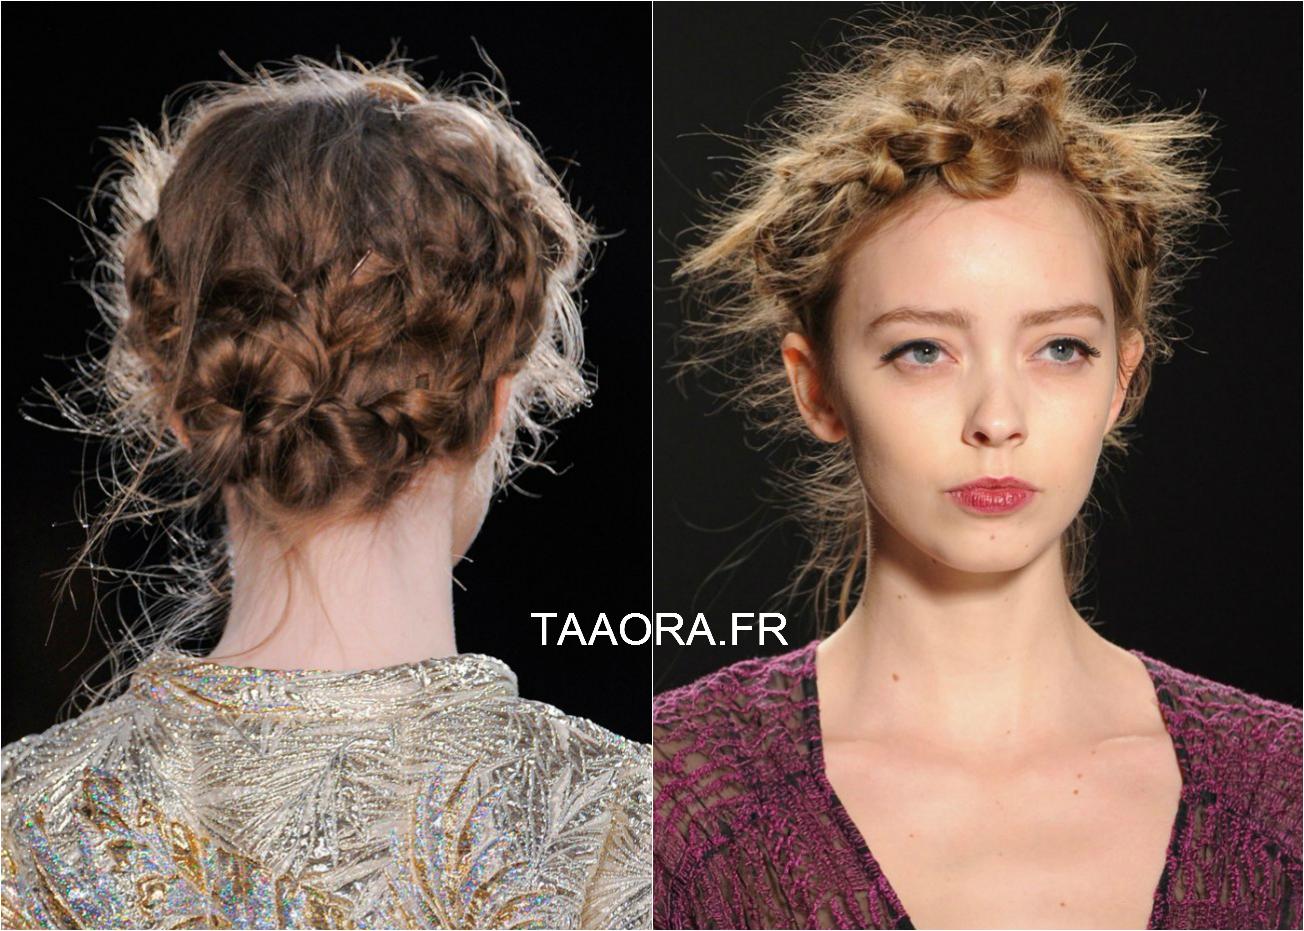 Les coiffures tendance de l hiver 2015 en photos taaora blog mode tendances looks - Coiffure couronne tressee ...